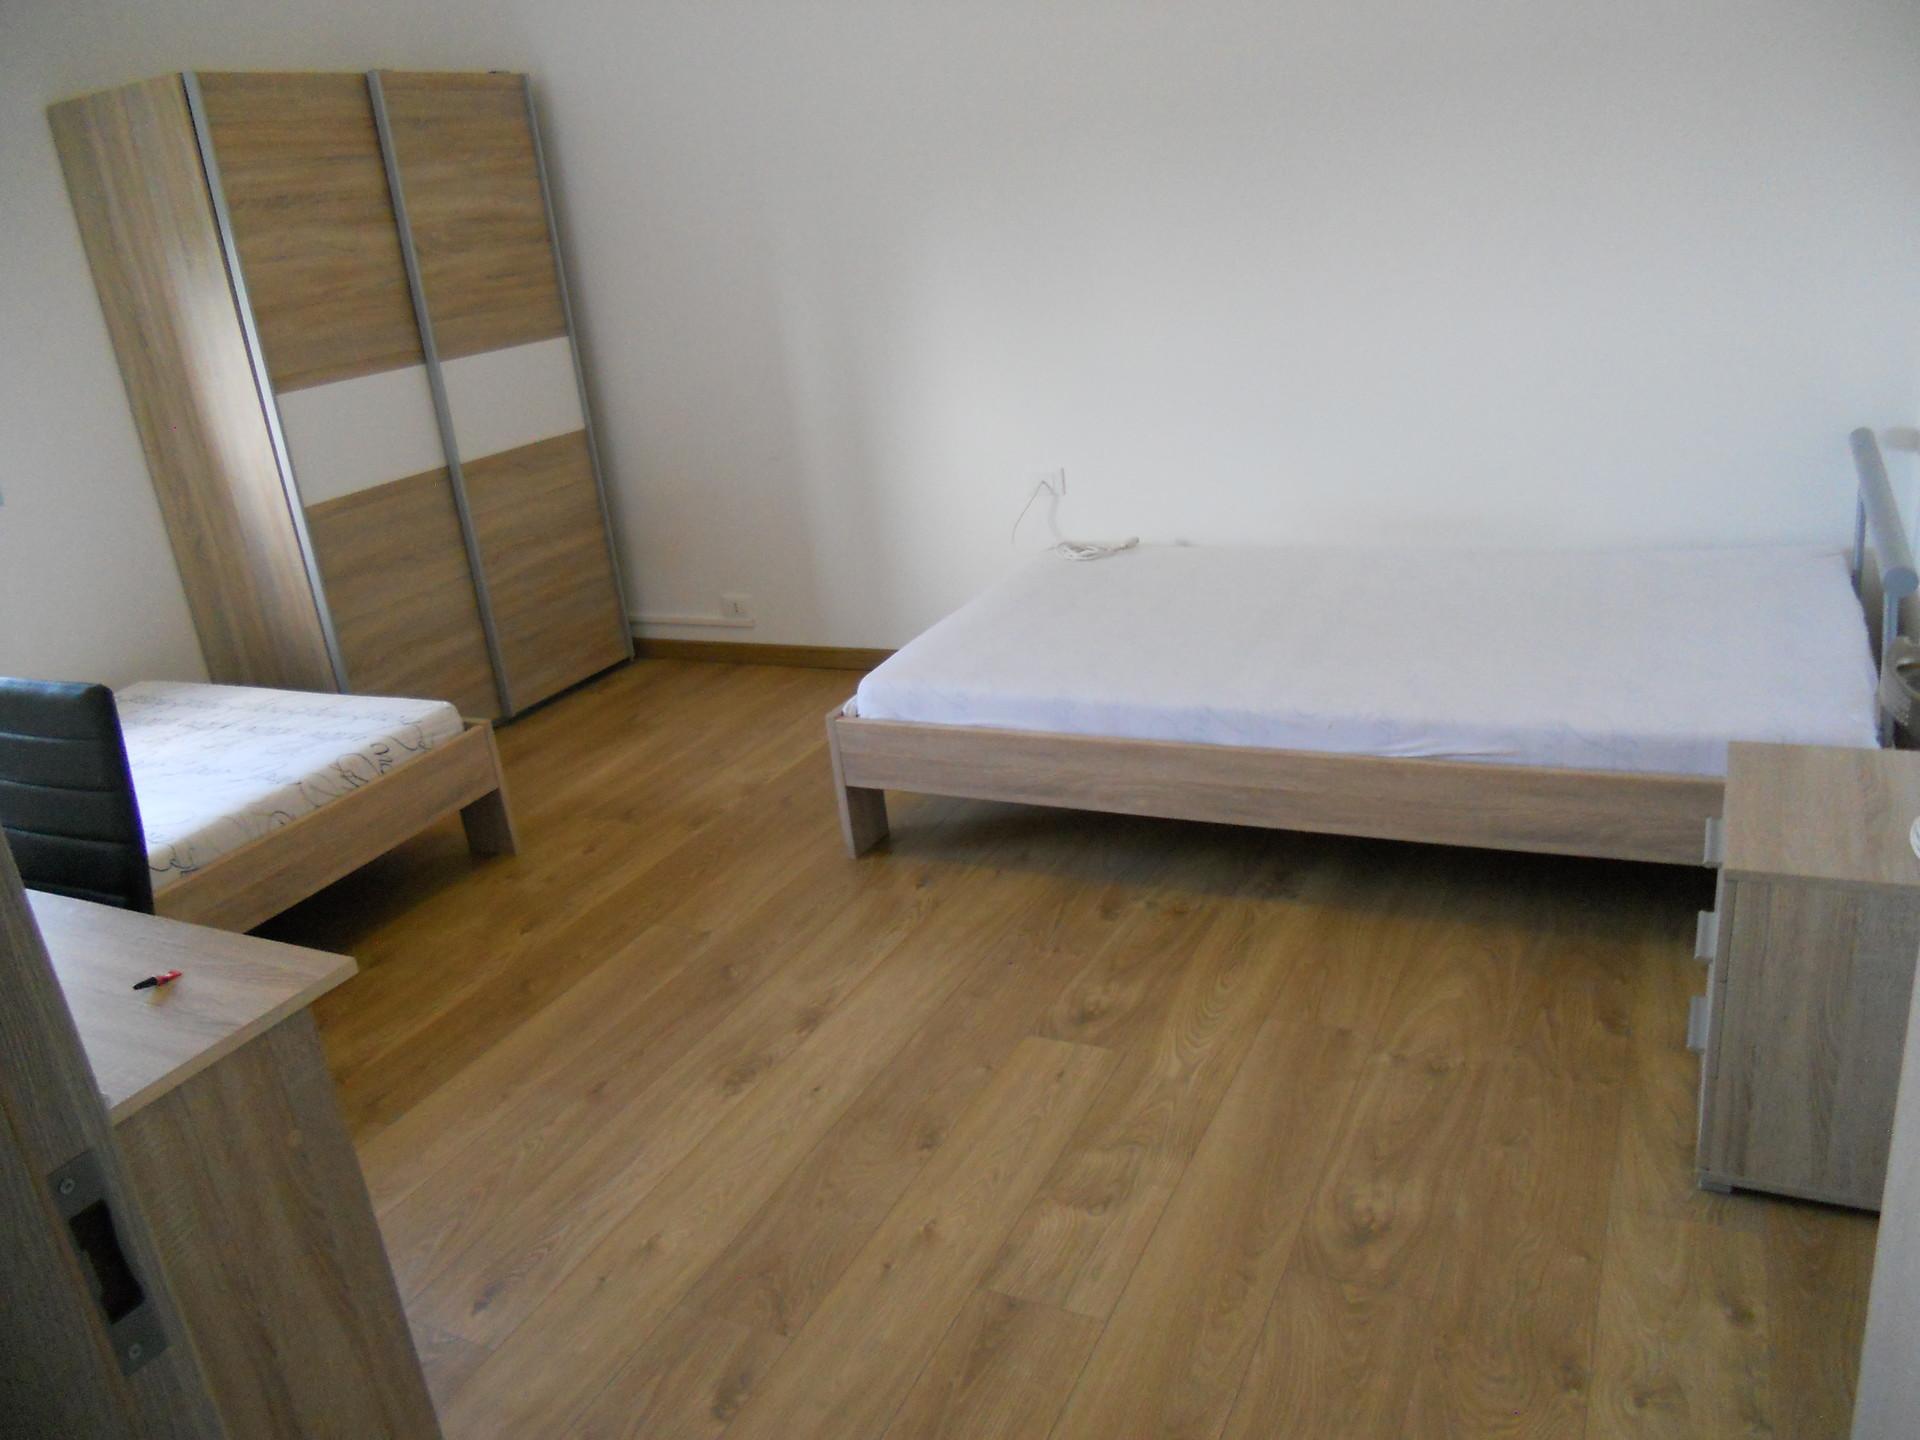 Mobili misura progetta soluzioni di arredo per la camera da letto che coniughino estetica,. Grande Stanza Con Due Letti Da Una Piazza E Mezza A Udine Stanze In Affitto Udine